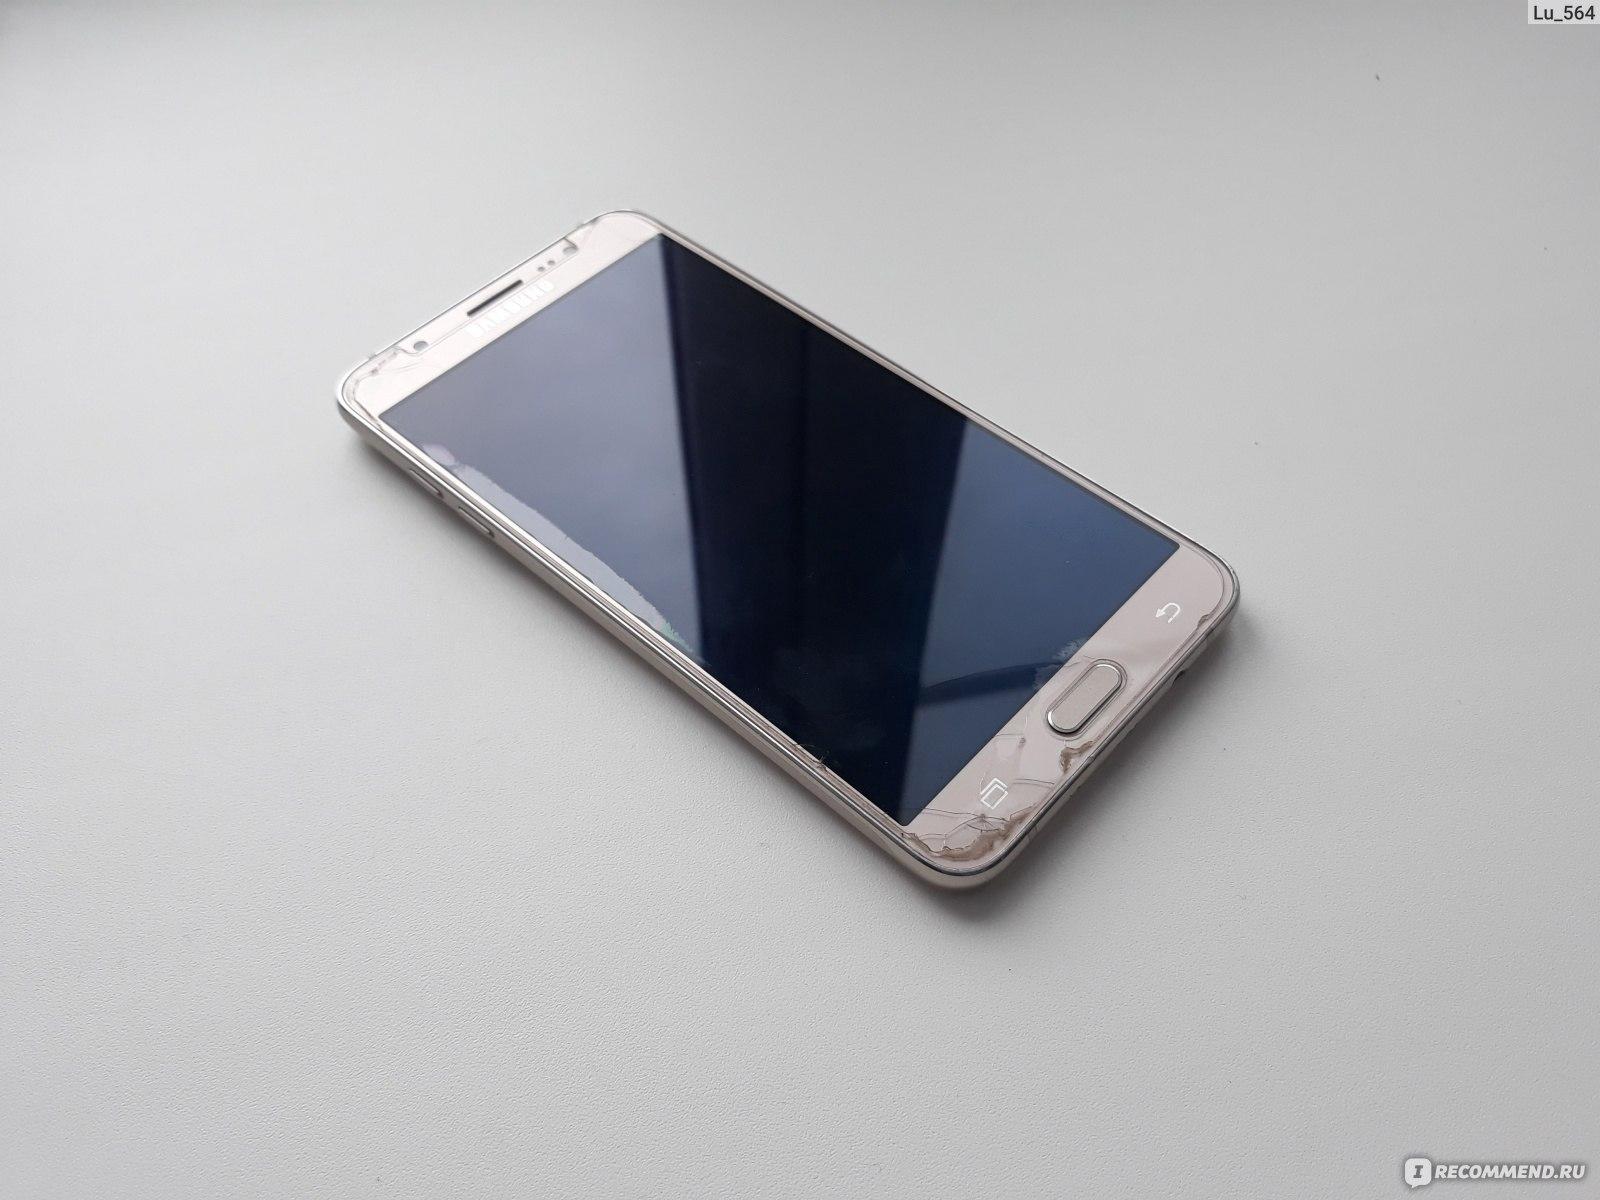 Обои На Телефон Самсунг Галакси J7